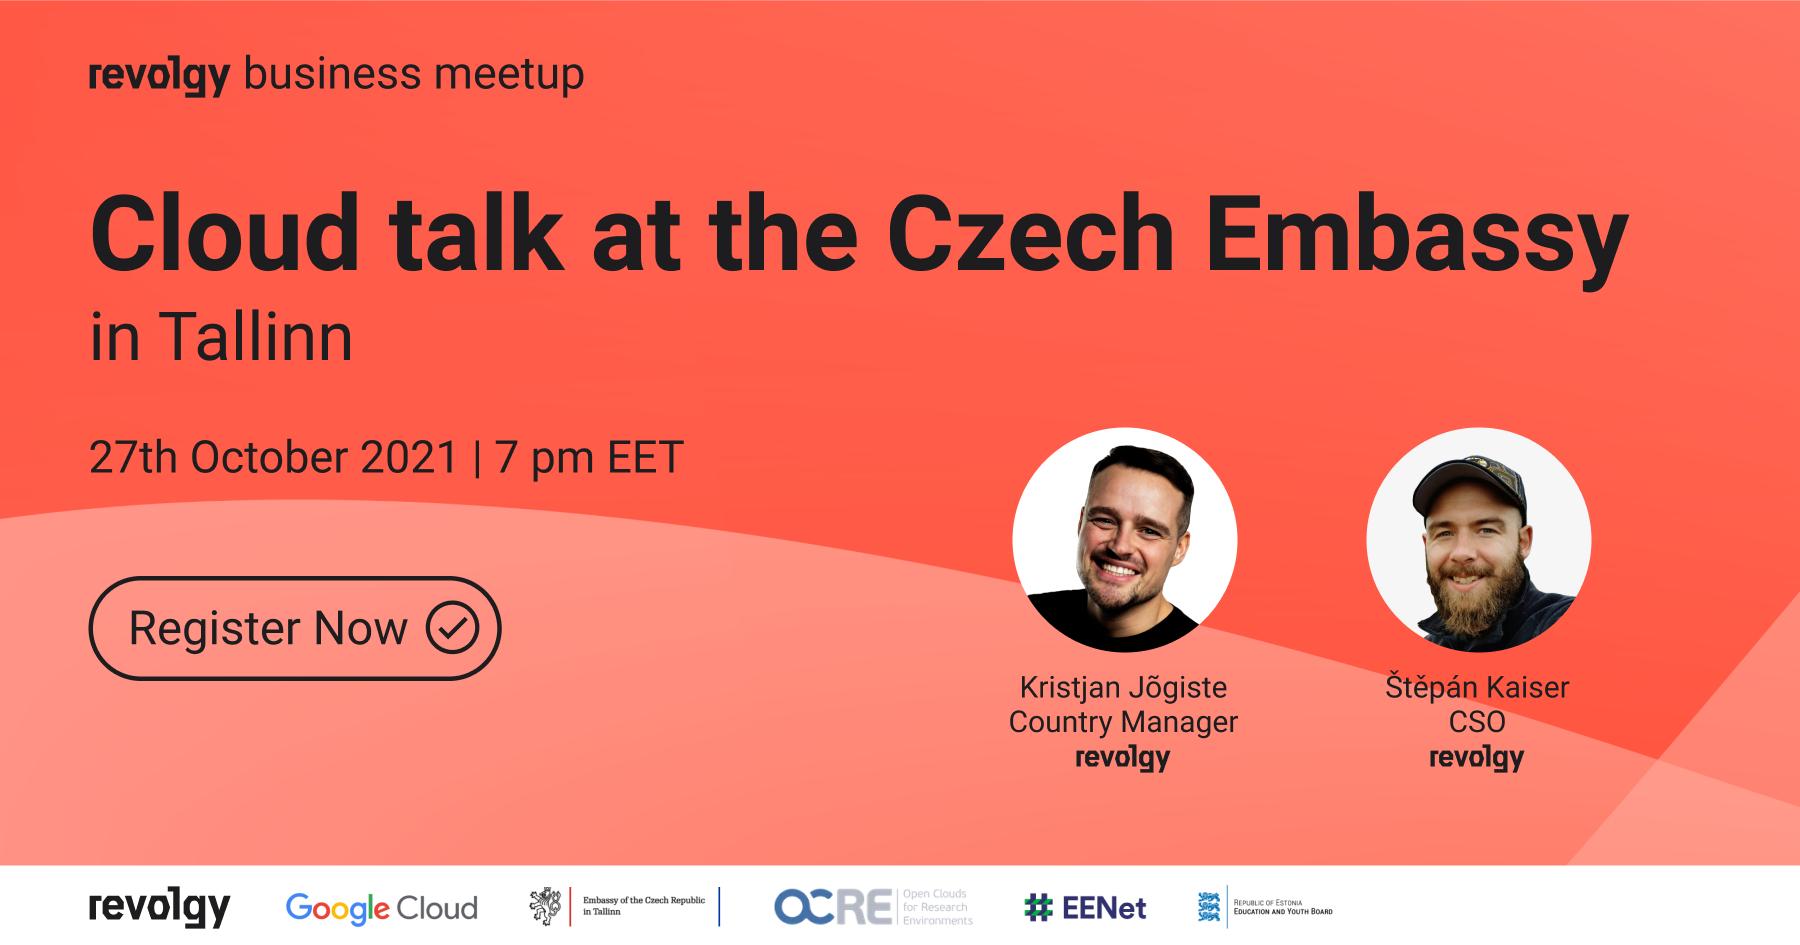 Cloud talk czech embassy Tallinn